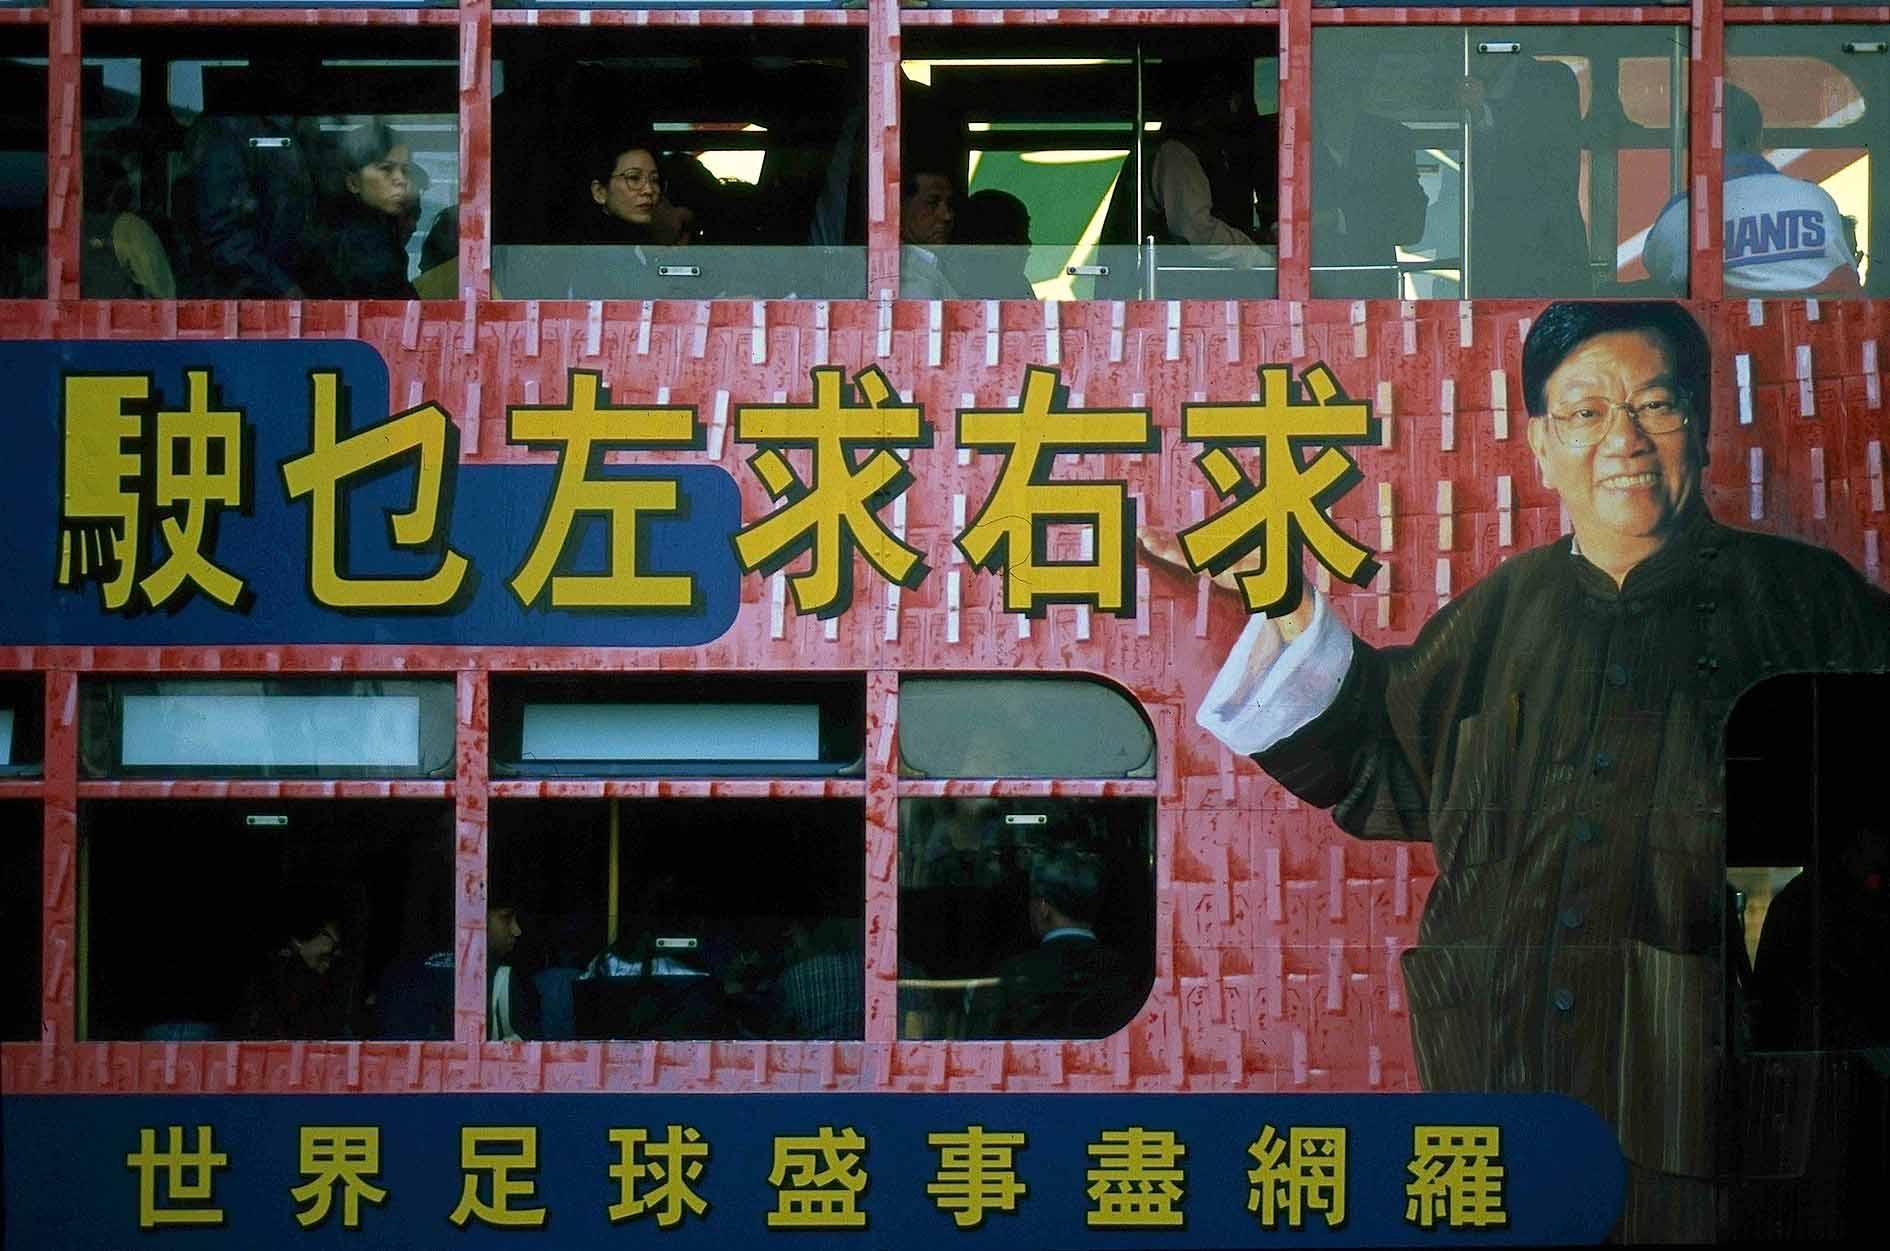 01042014-aaa Hong Kong rid